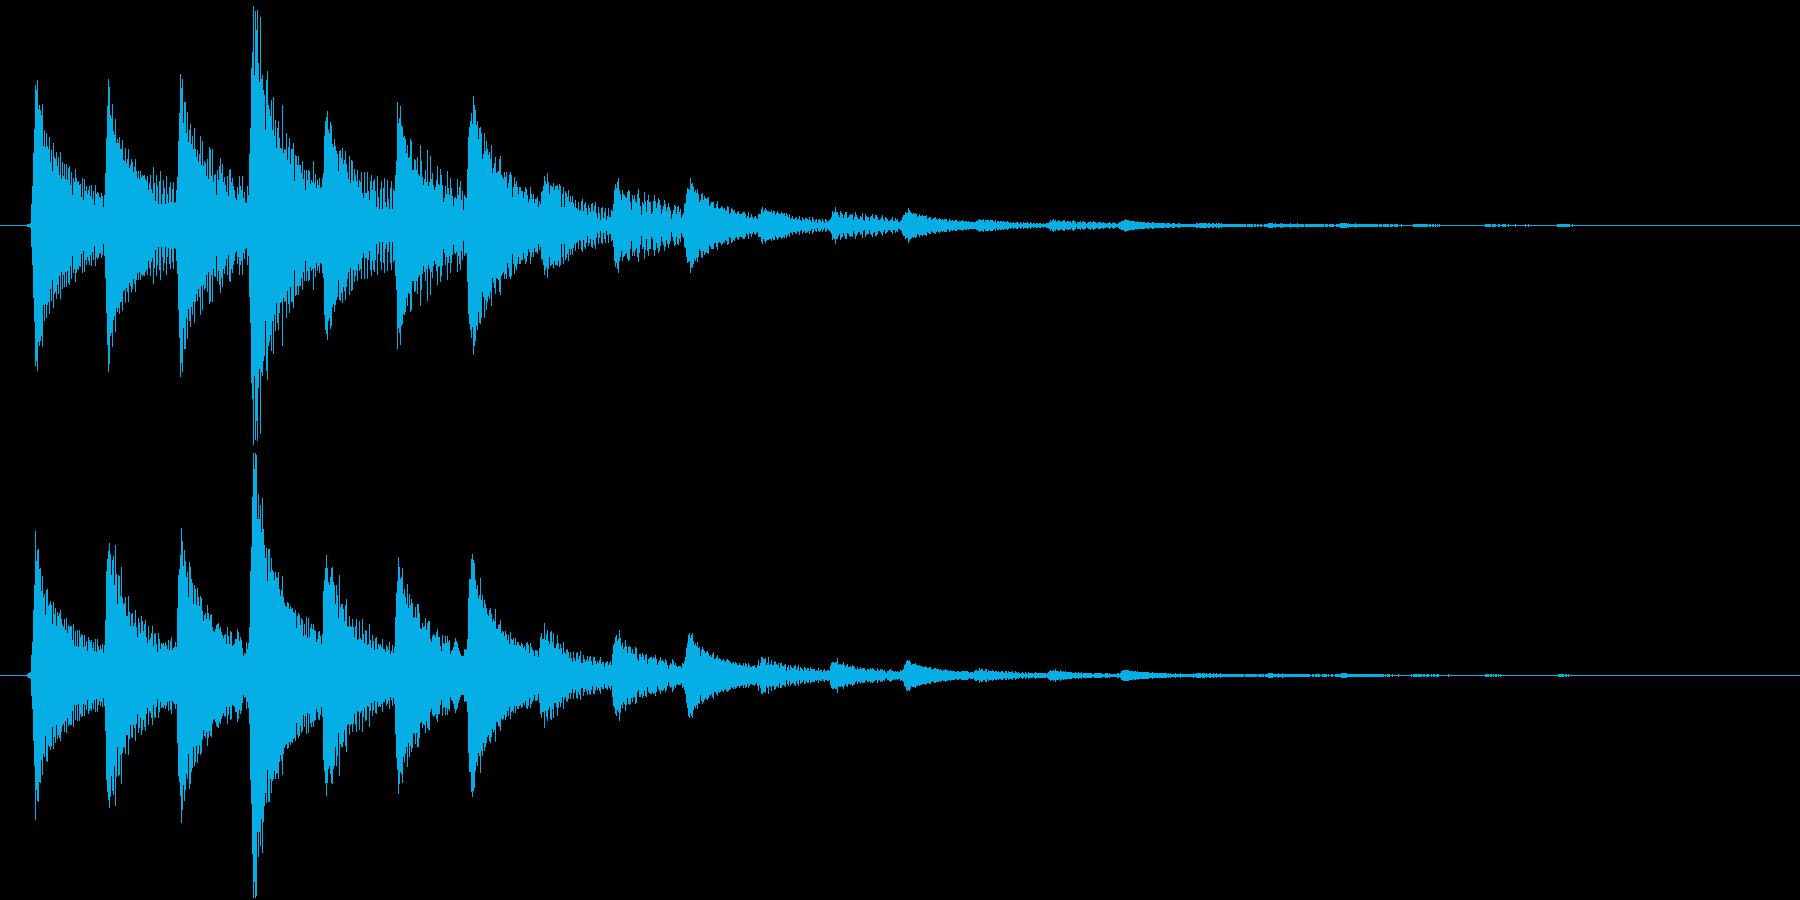 タララン↑(決定音、セーブ、記録)の再生済みの波形